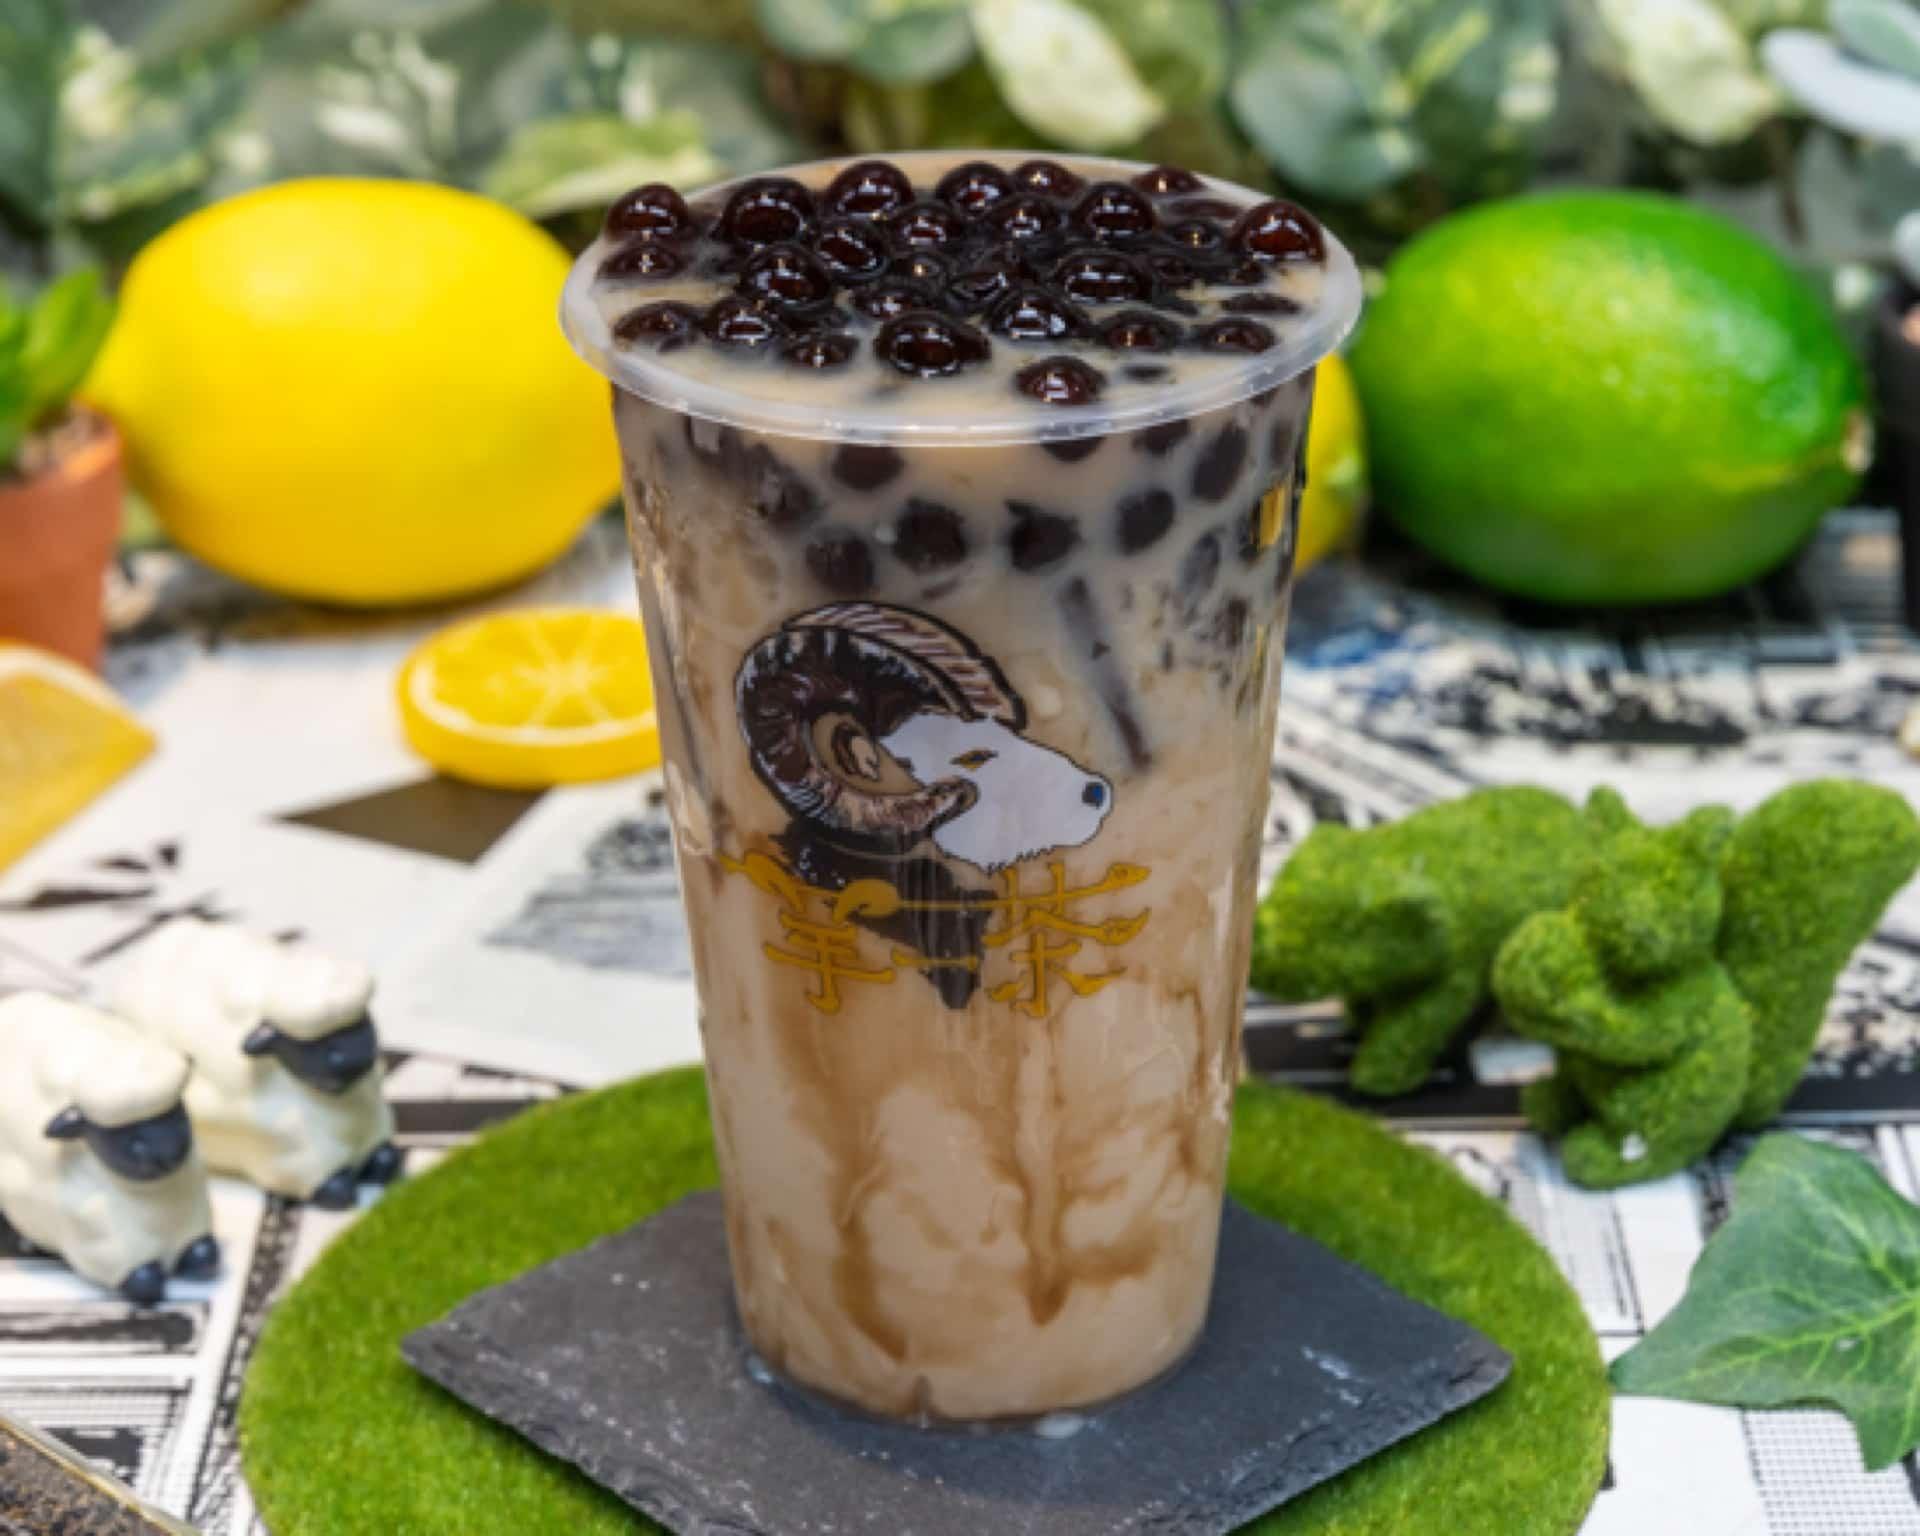 羊一茶 三宮店 − 台湾黒糖生タピオカ専門店が8月31日オープン!オープニングは無料イベントも